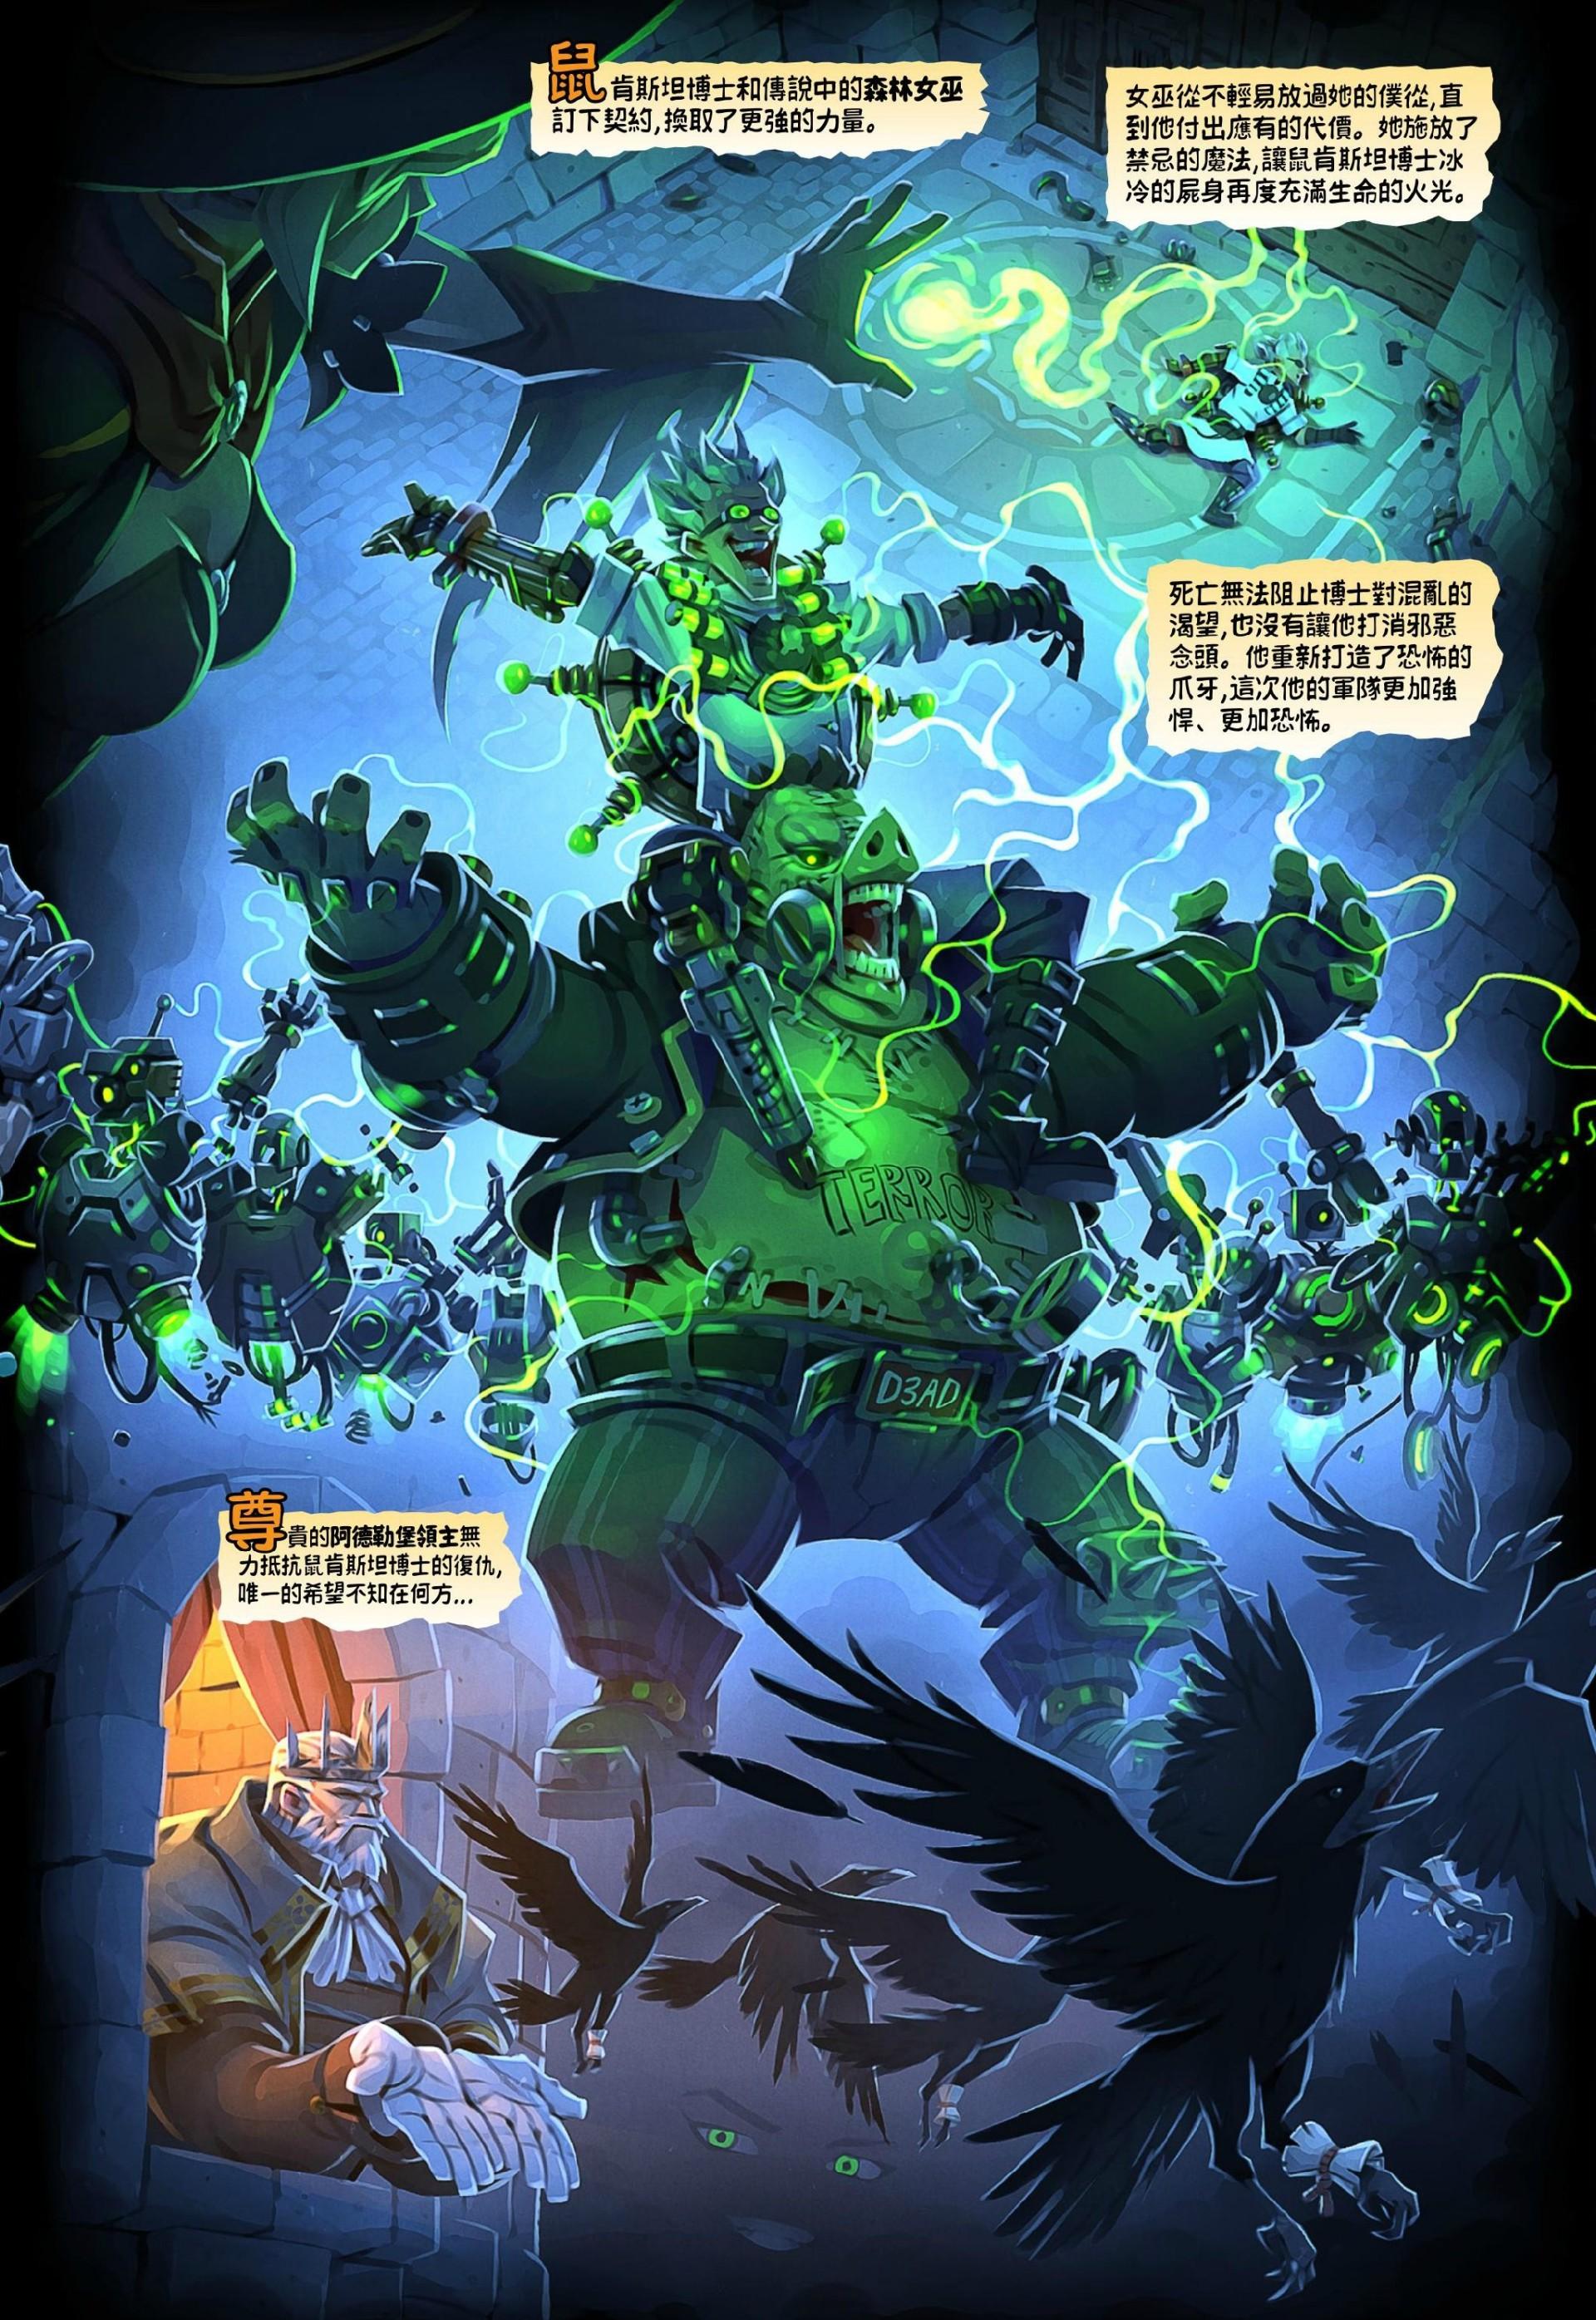 《守望先锋》万圣节主题漫画 狂鼠化身科学怪人